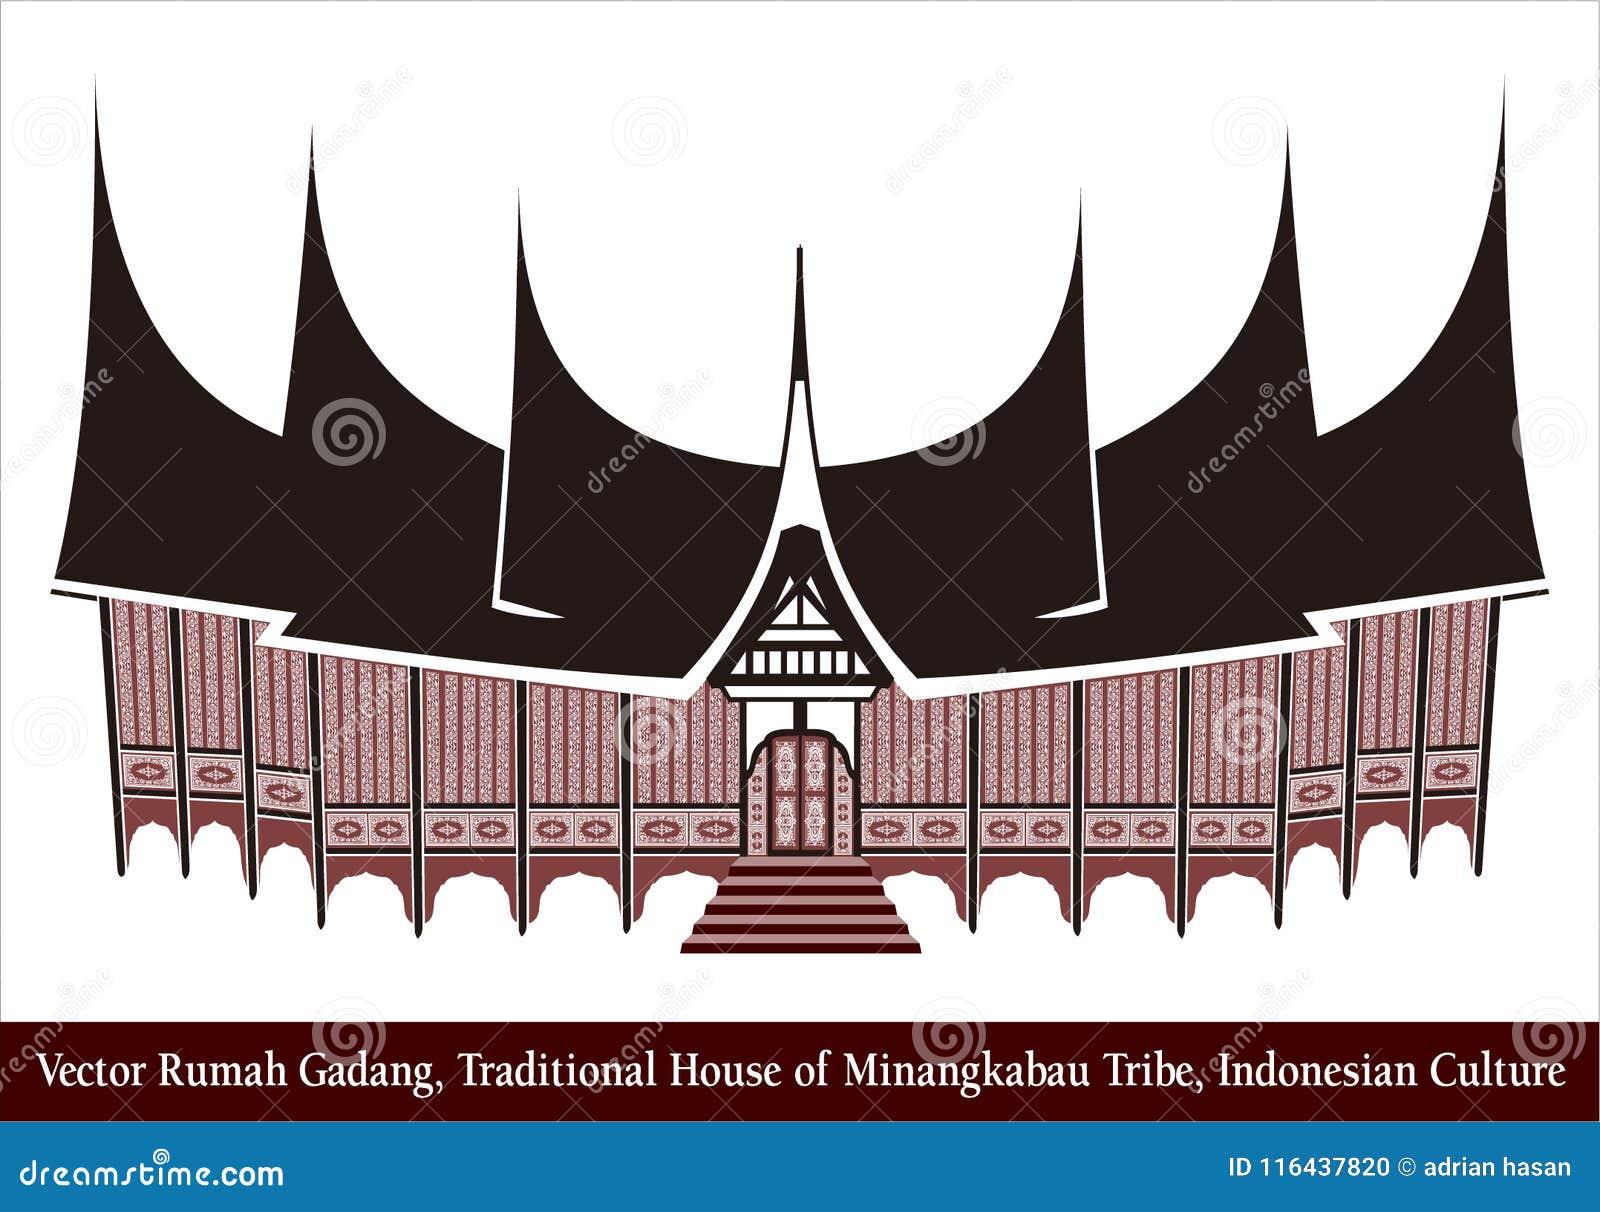 7000 Gambar Rumah Gadang Minang Gratis Terbaru